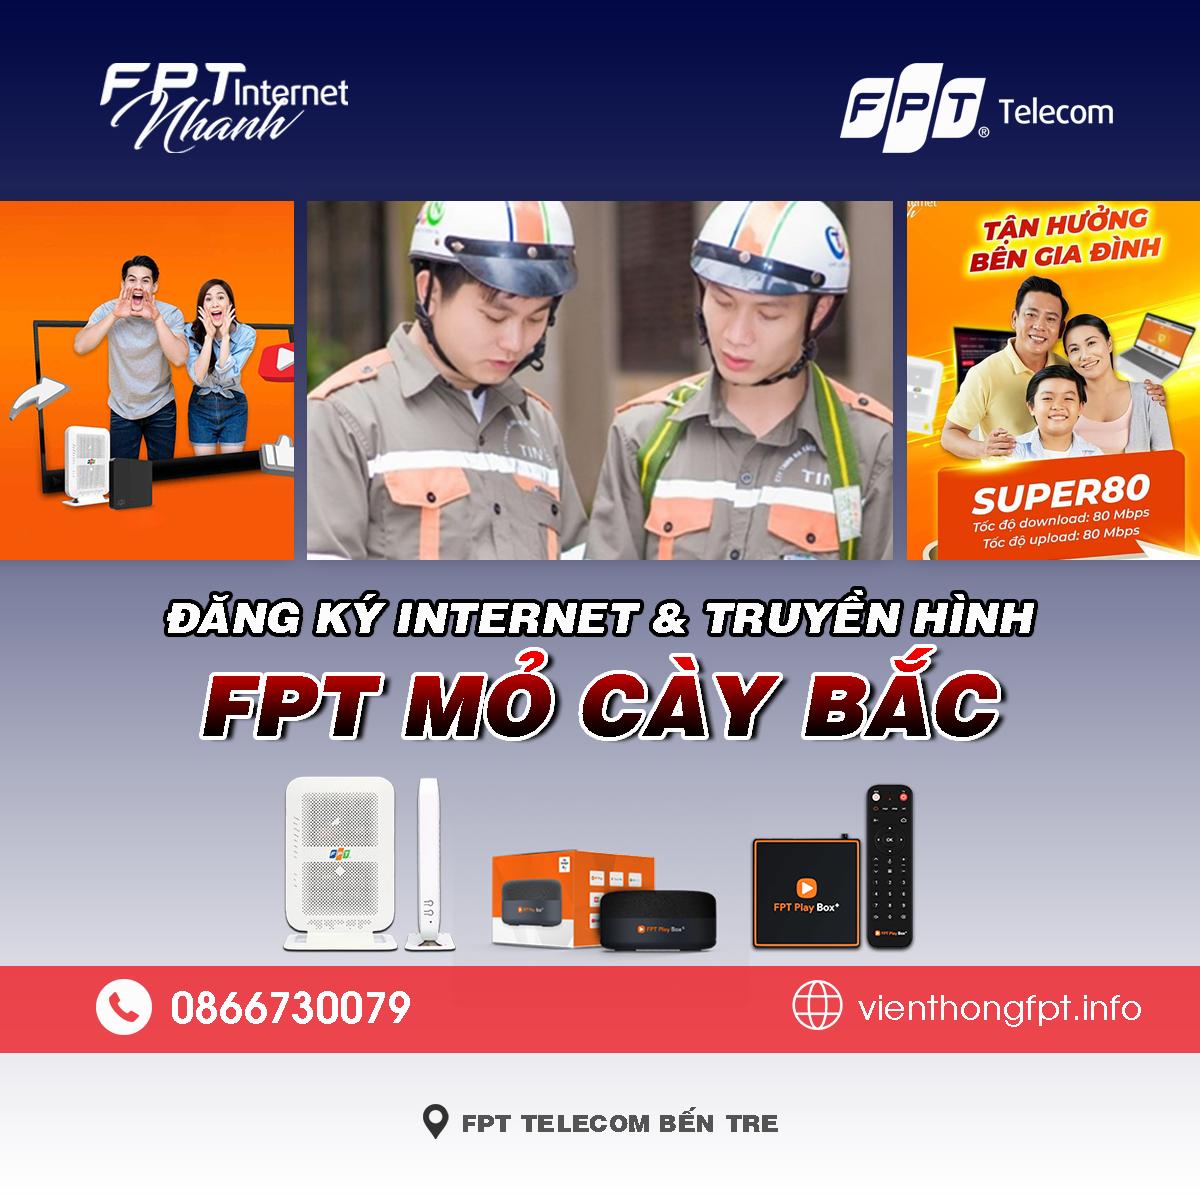 Bảng giá lắp mạng FPT Mỏ Cày Bắc